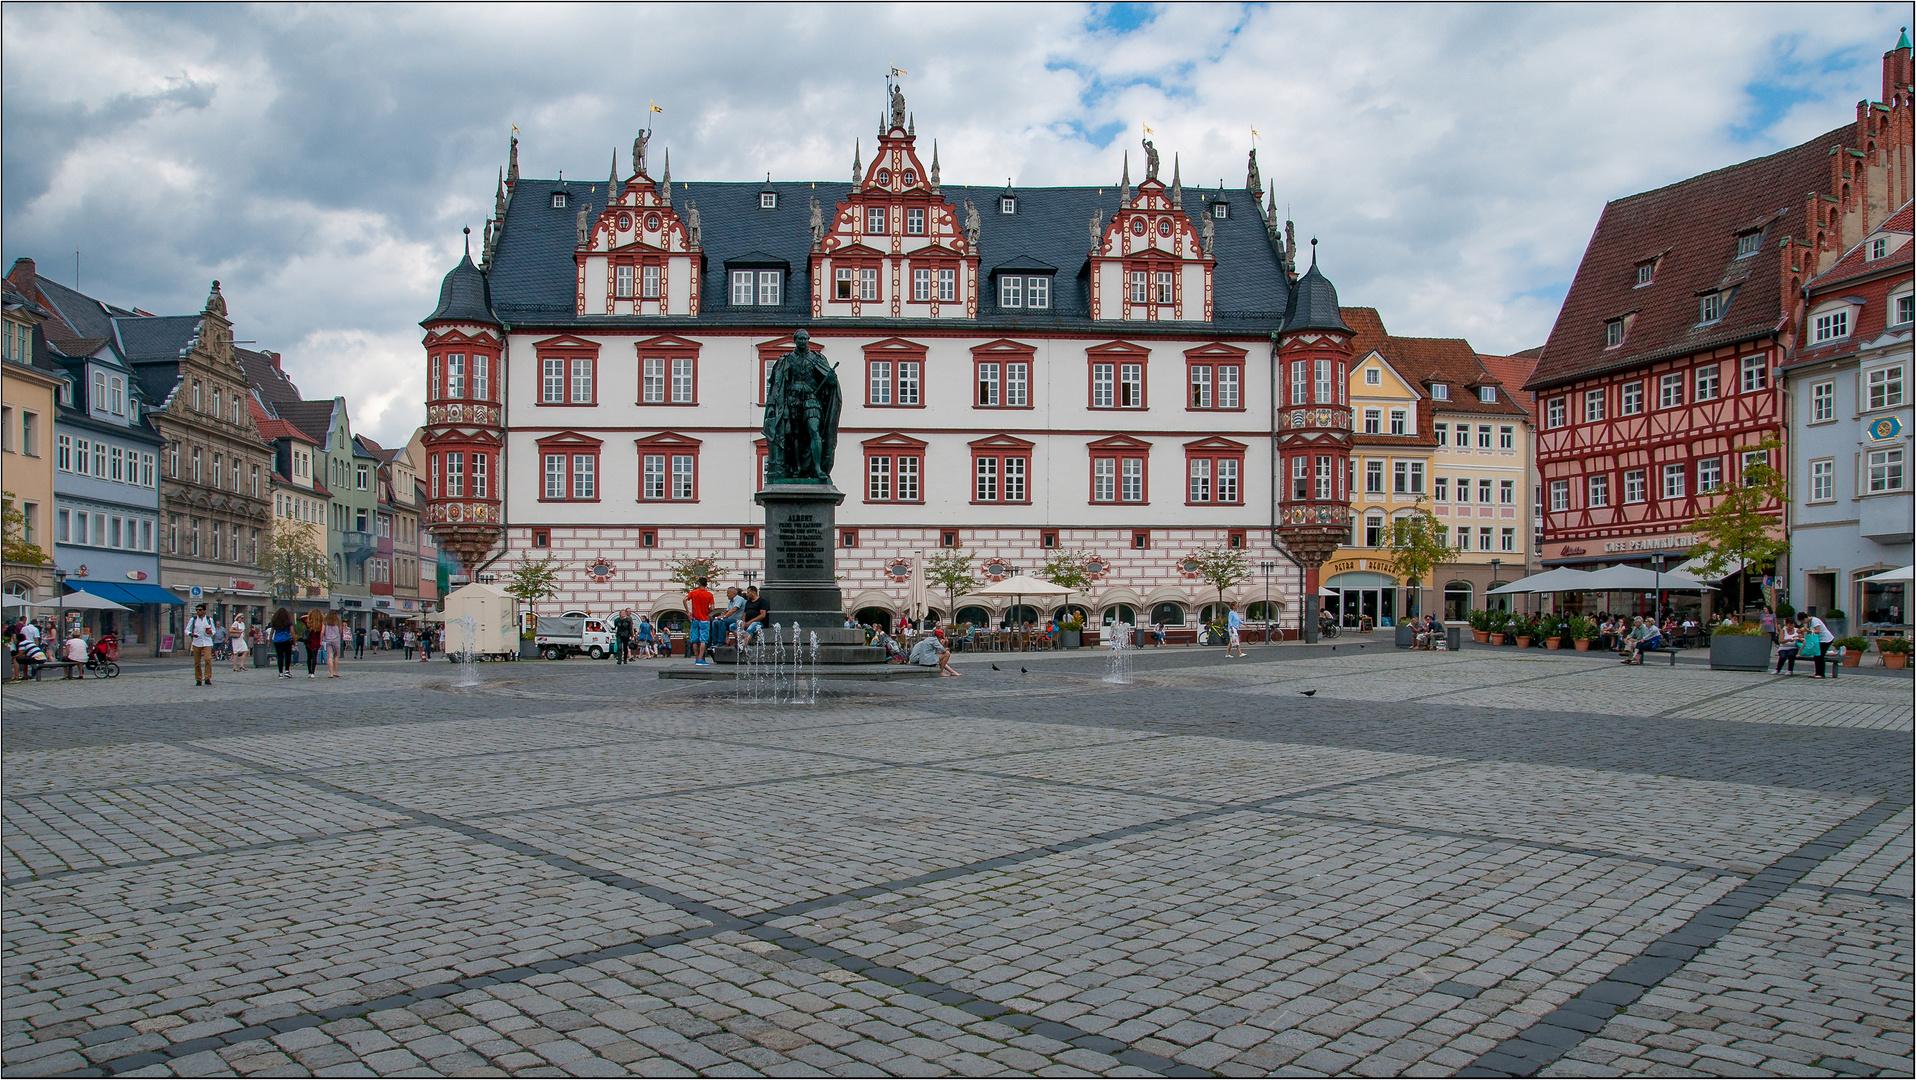 Marktplatz.De